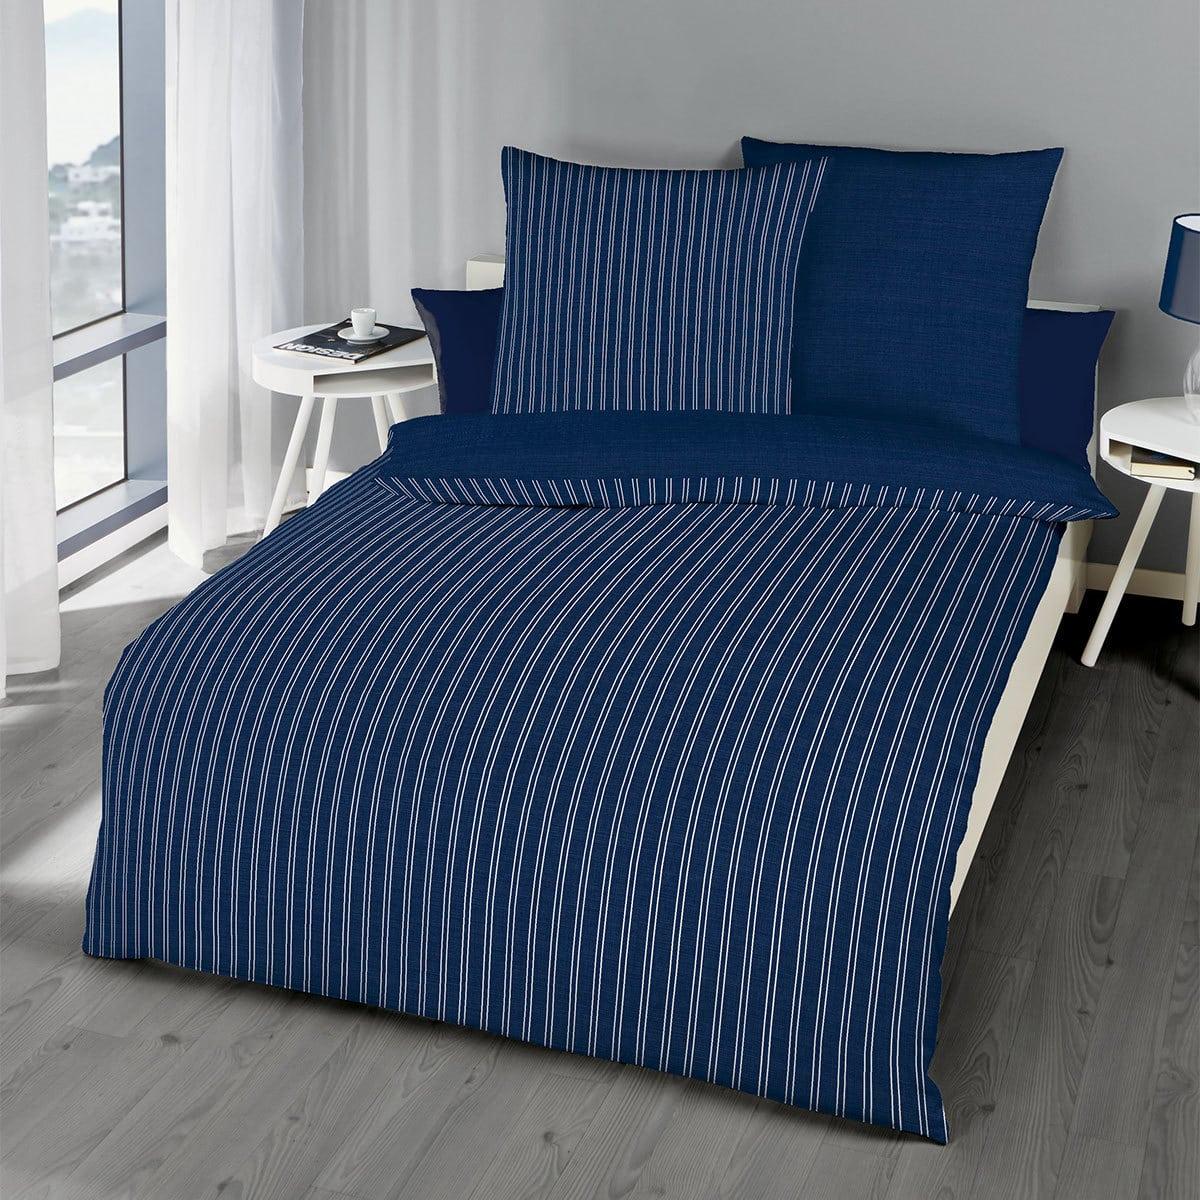 Bettwaren Wäsche Matratzen Möbel Wohnen Kaeppel Poly Cotton